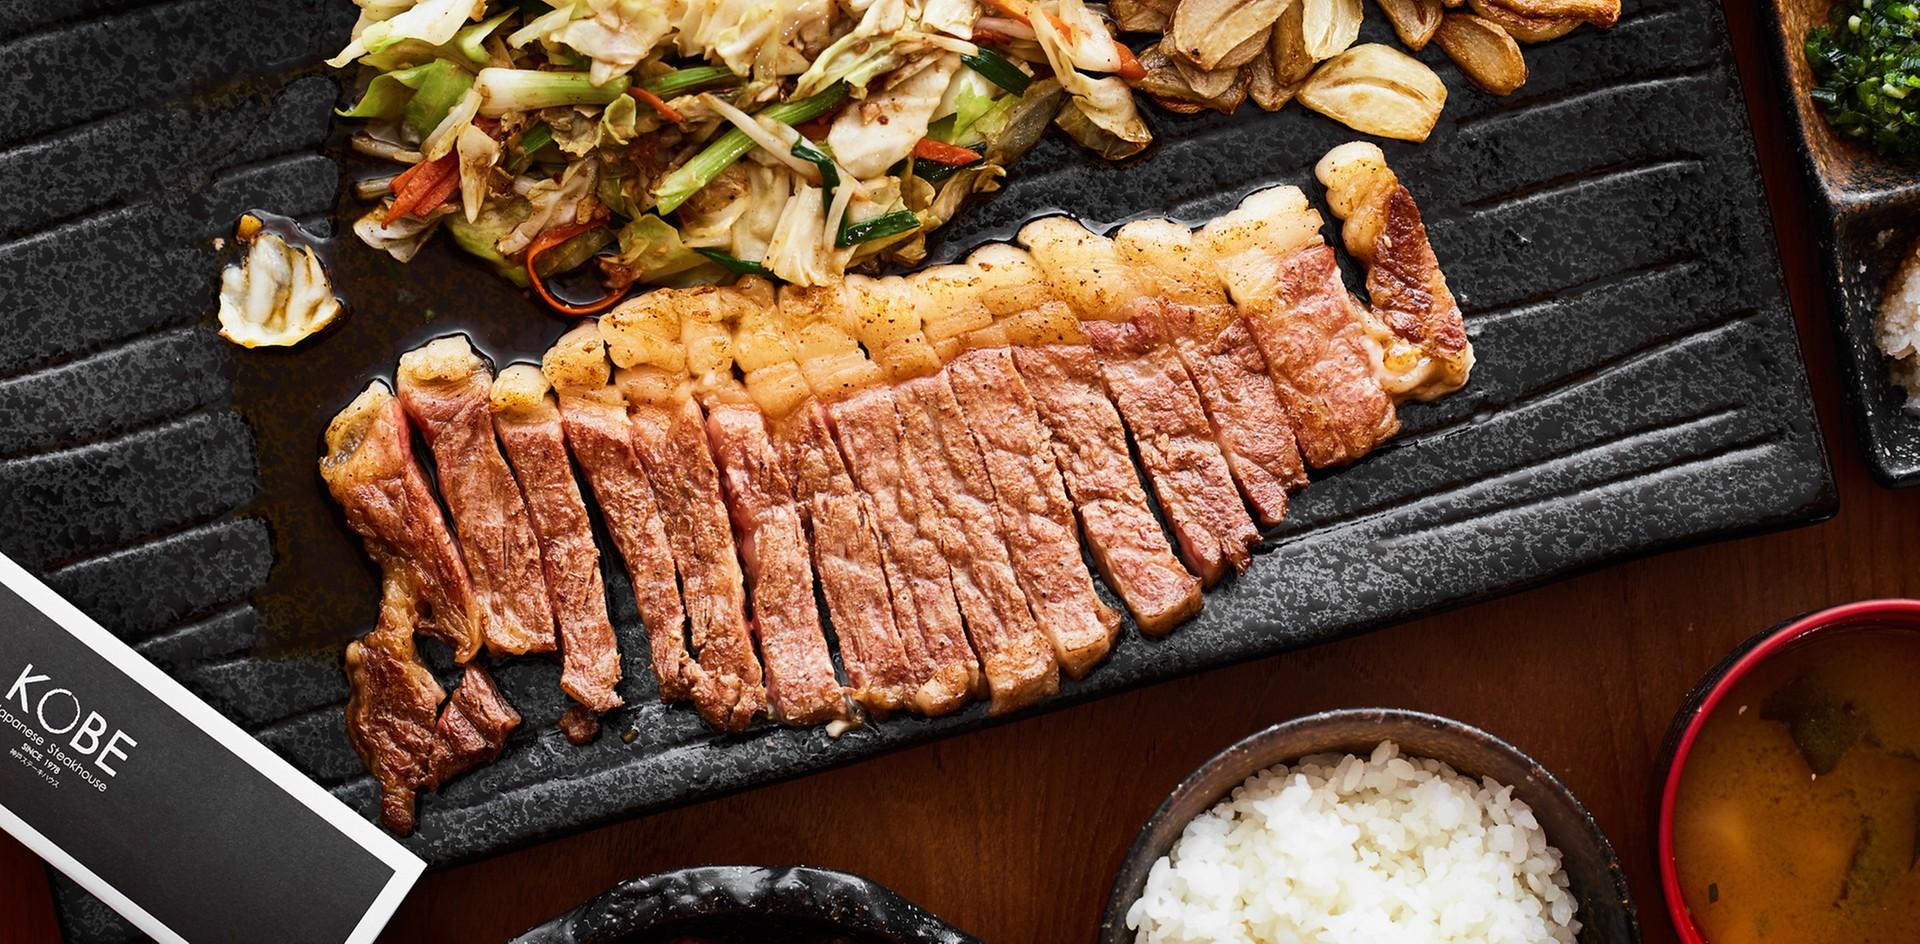 มหาชนฟิน! ตามรอยมื้อโปรดในวัยเรียนของบอย ปกรณ์ ที่ร้าน Kobe Steakhouse